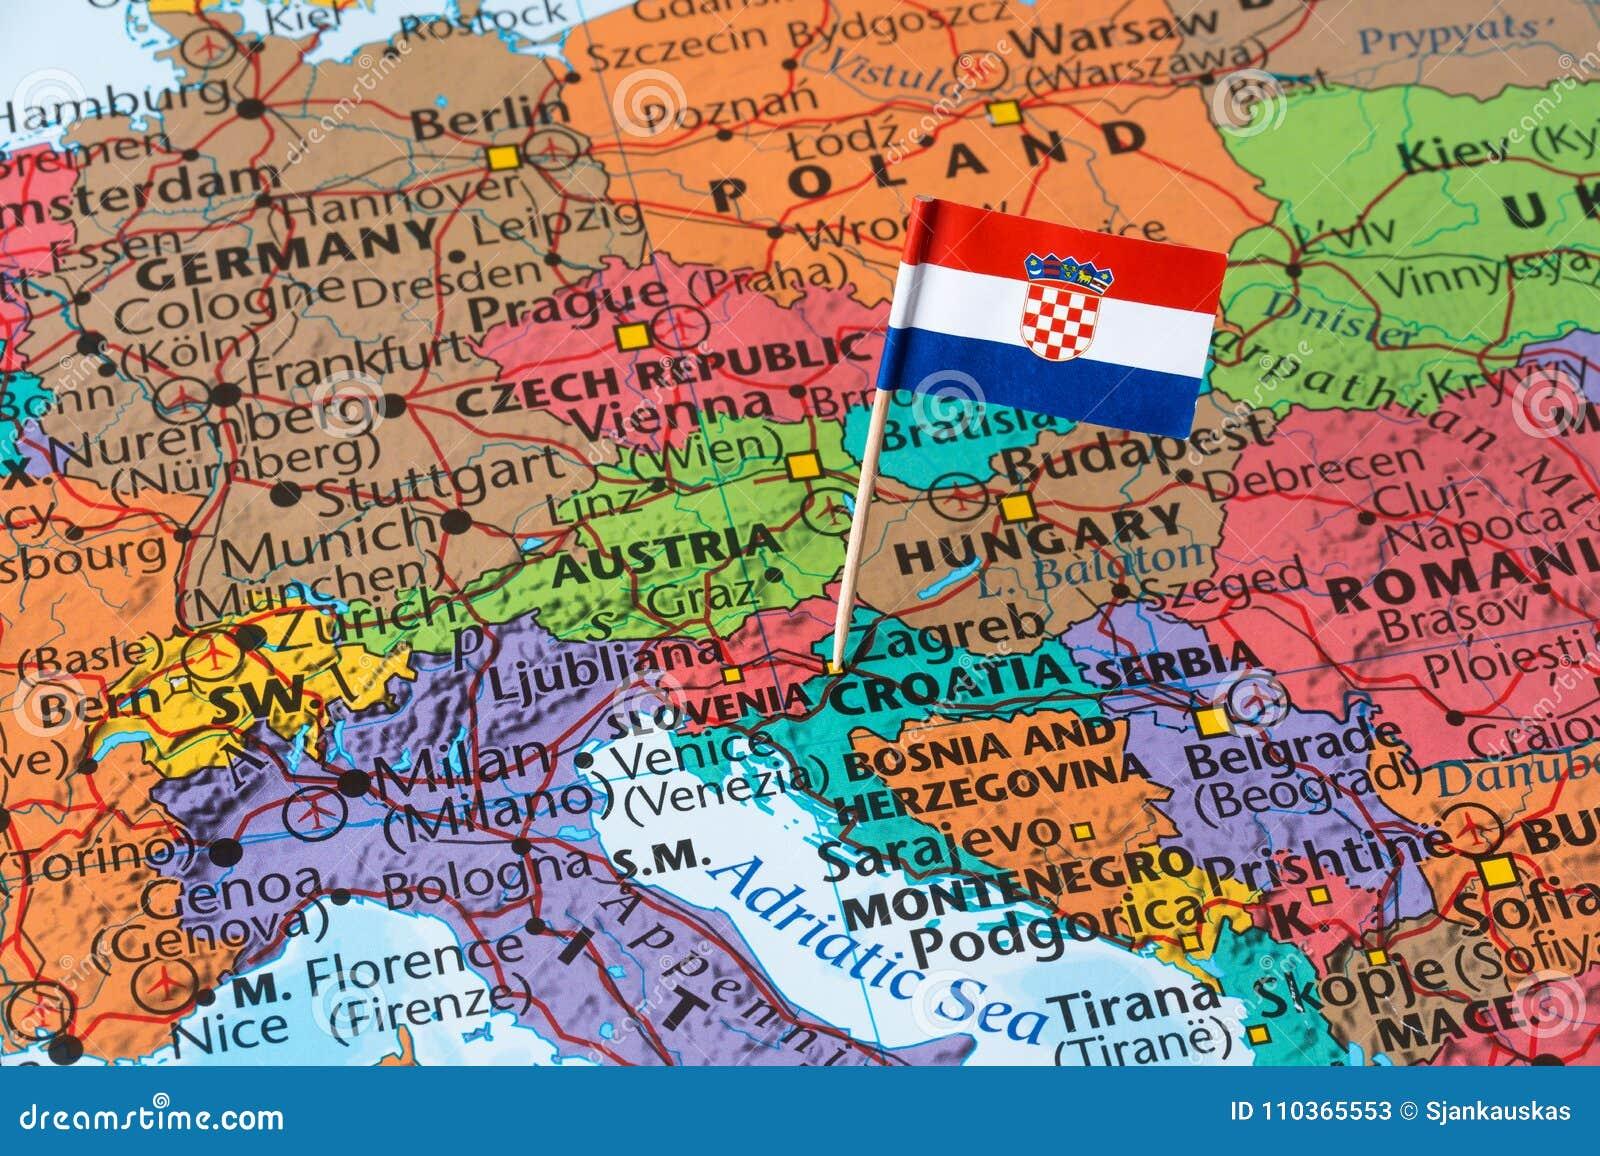 Carte Croatie Dans Le Monde.Drapeau De La Croatie Sur Une Carte Du Monde Image Stock